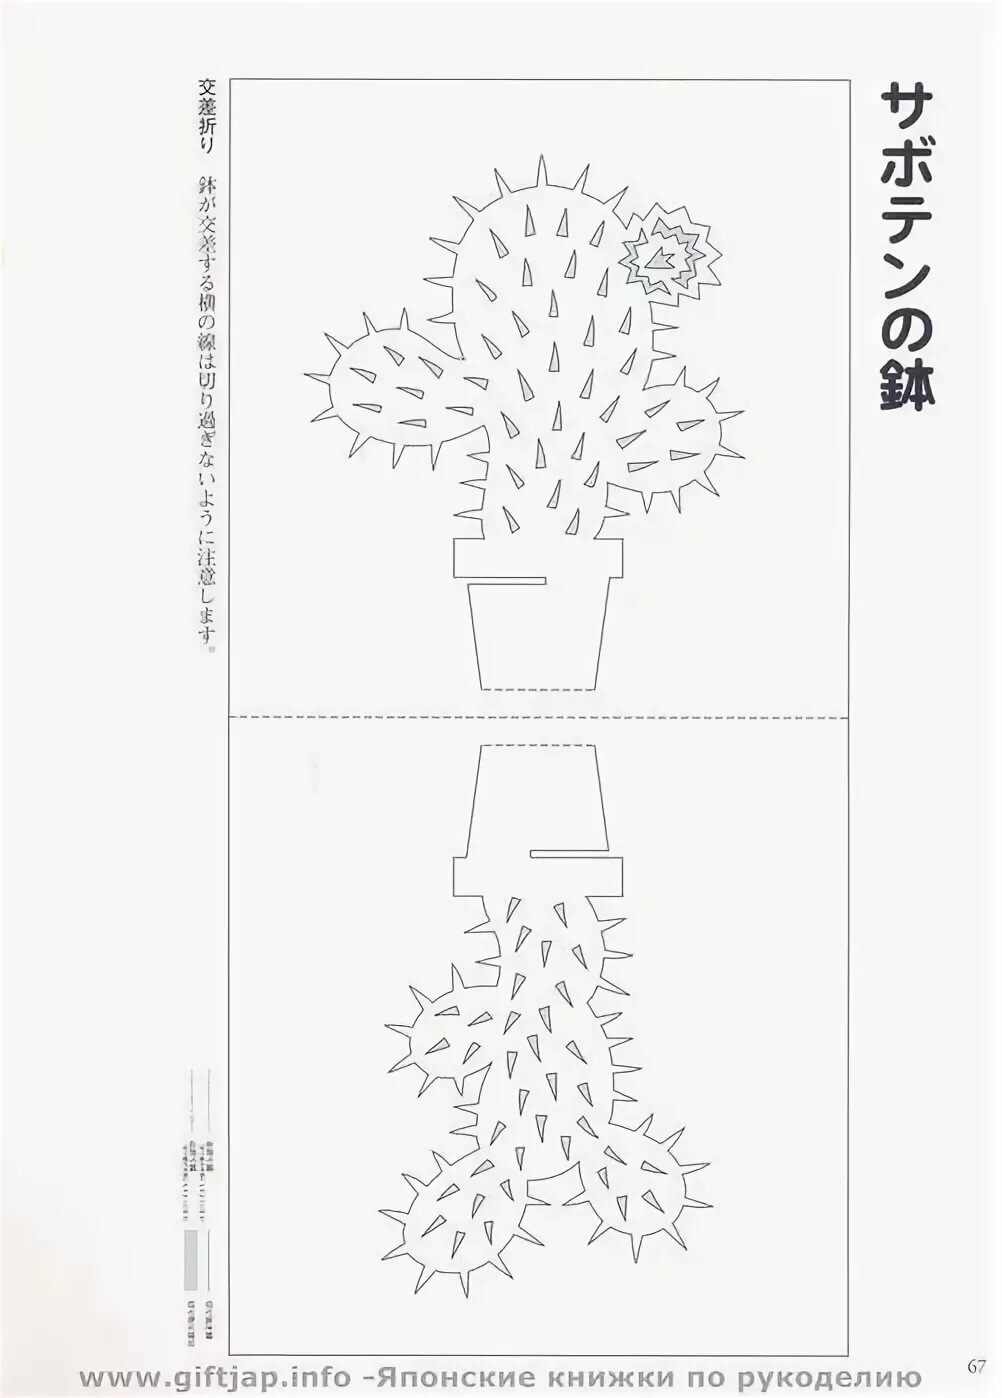 Открытка киригами шаблон, новый год